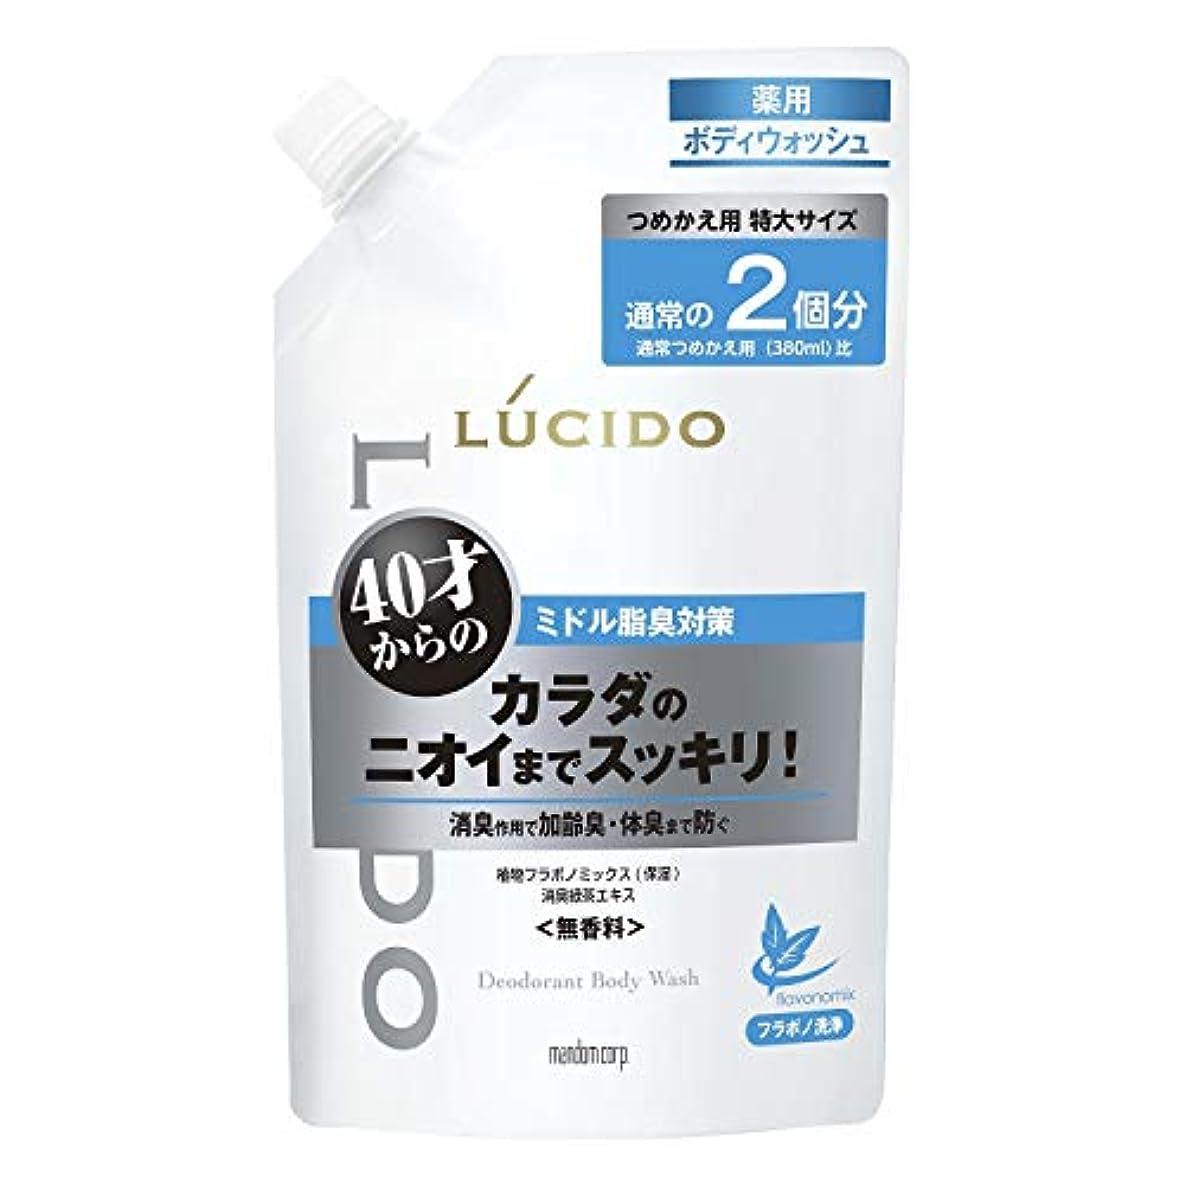 機械的カバーバンLUCIDO(ルシード) ルシード (LUCIDO) 薬用デオドラントボディウォッシュ 詰め替え 大容量 760ml ボディソープ 無香料